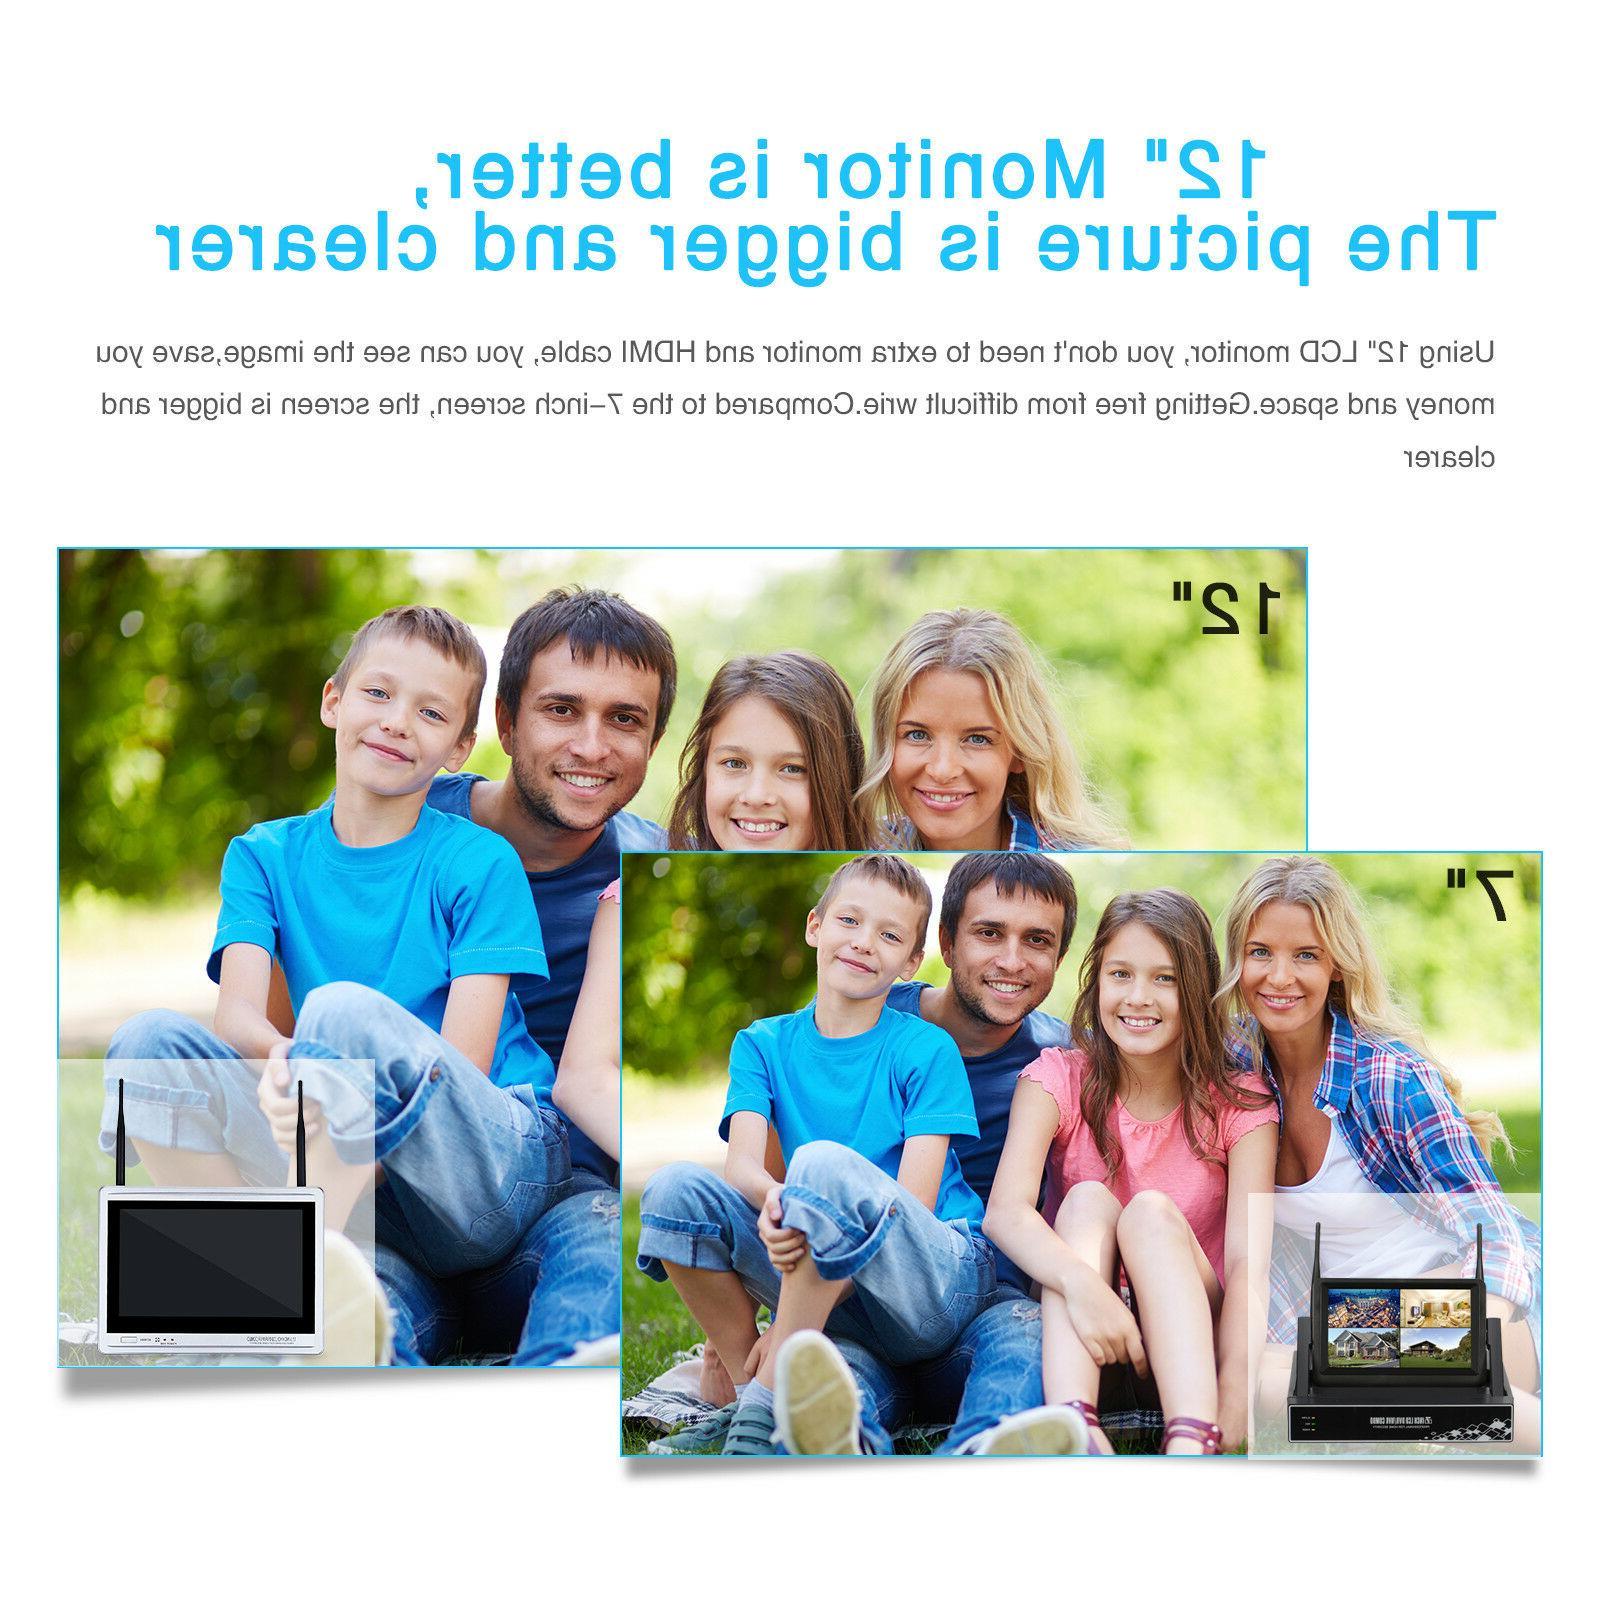 ANRAN NVR Wireless 8CH HDD IR